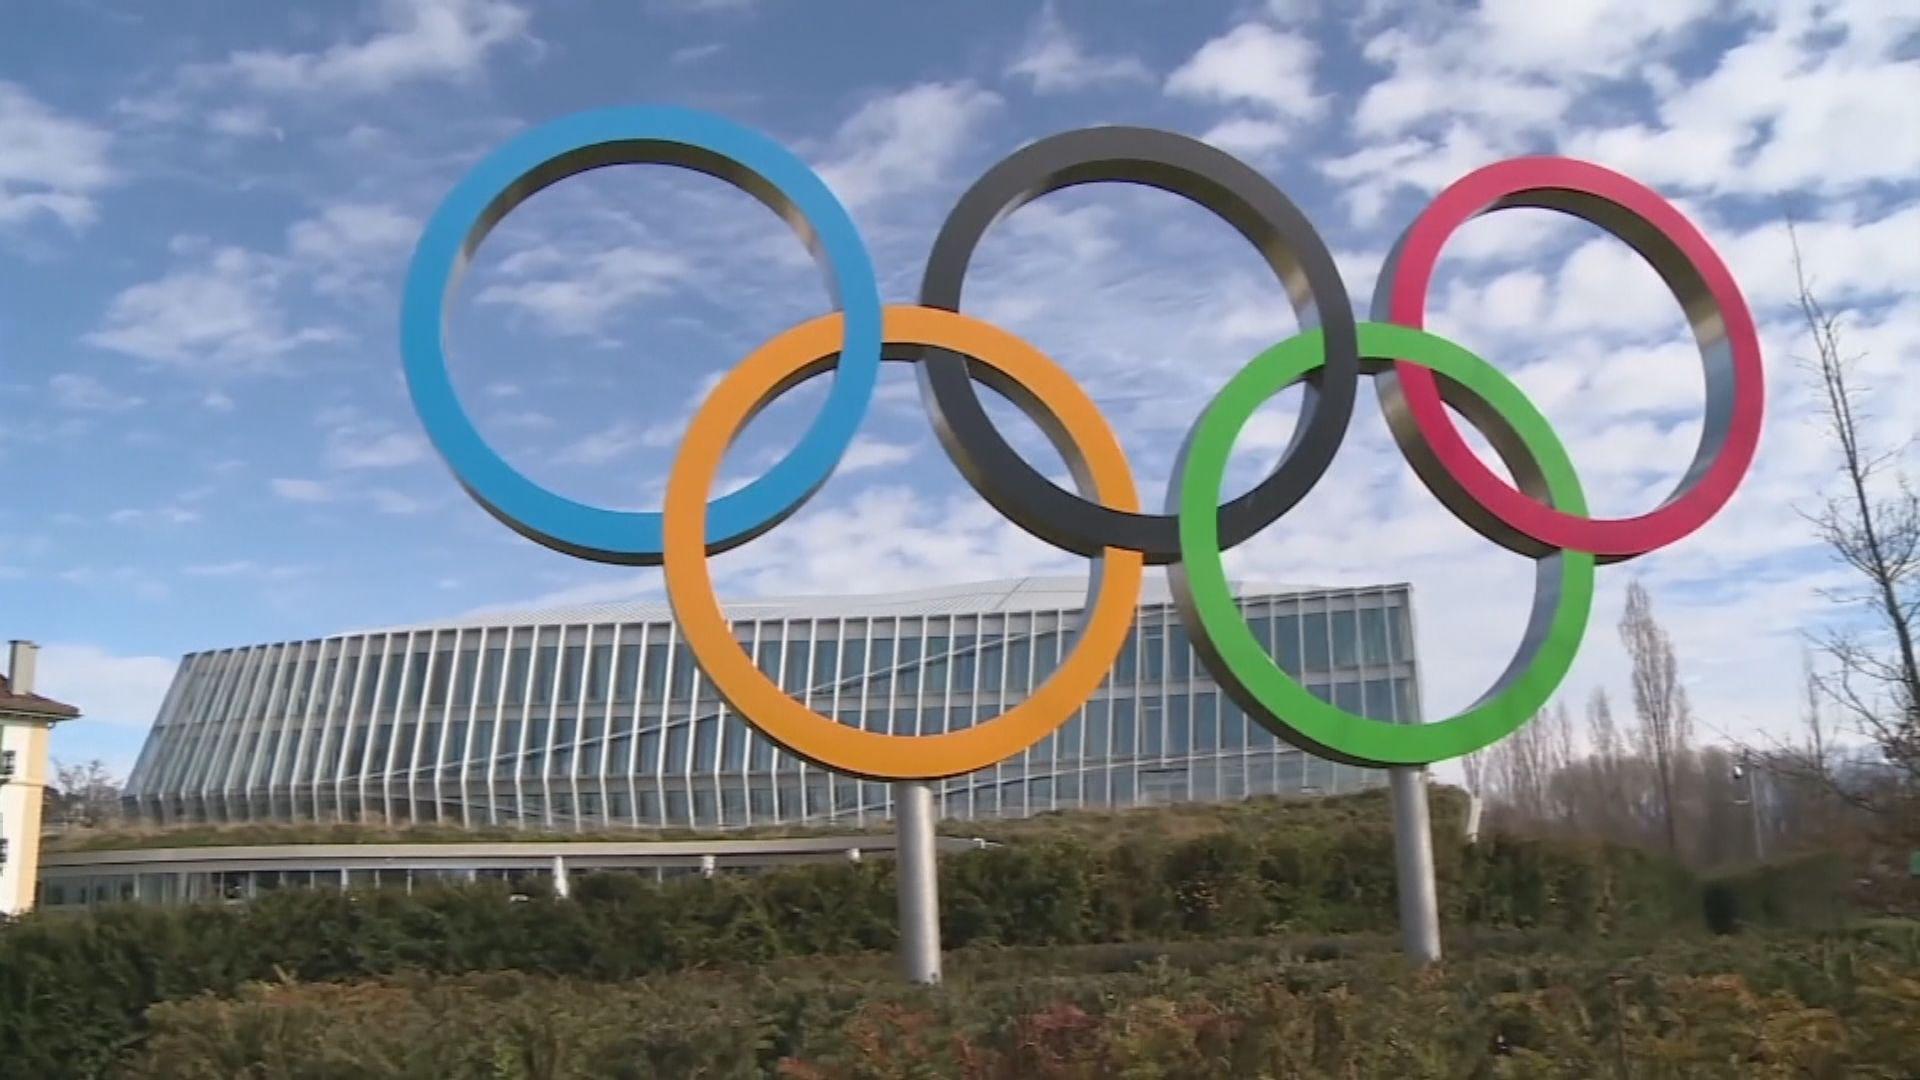 日本擬要求奧運選手抵埗前後均接受病毒檢測